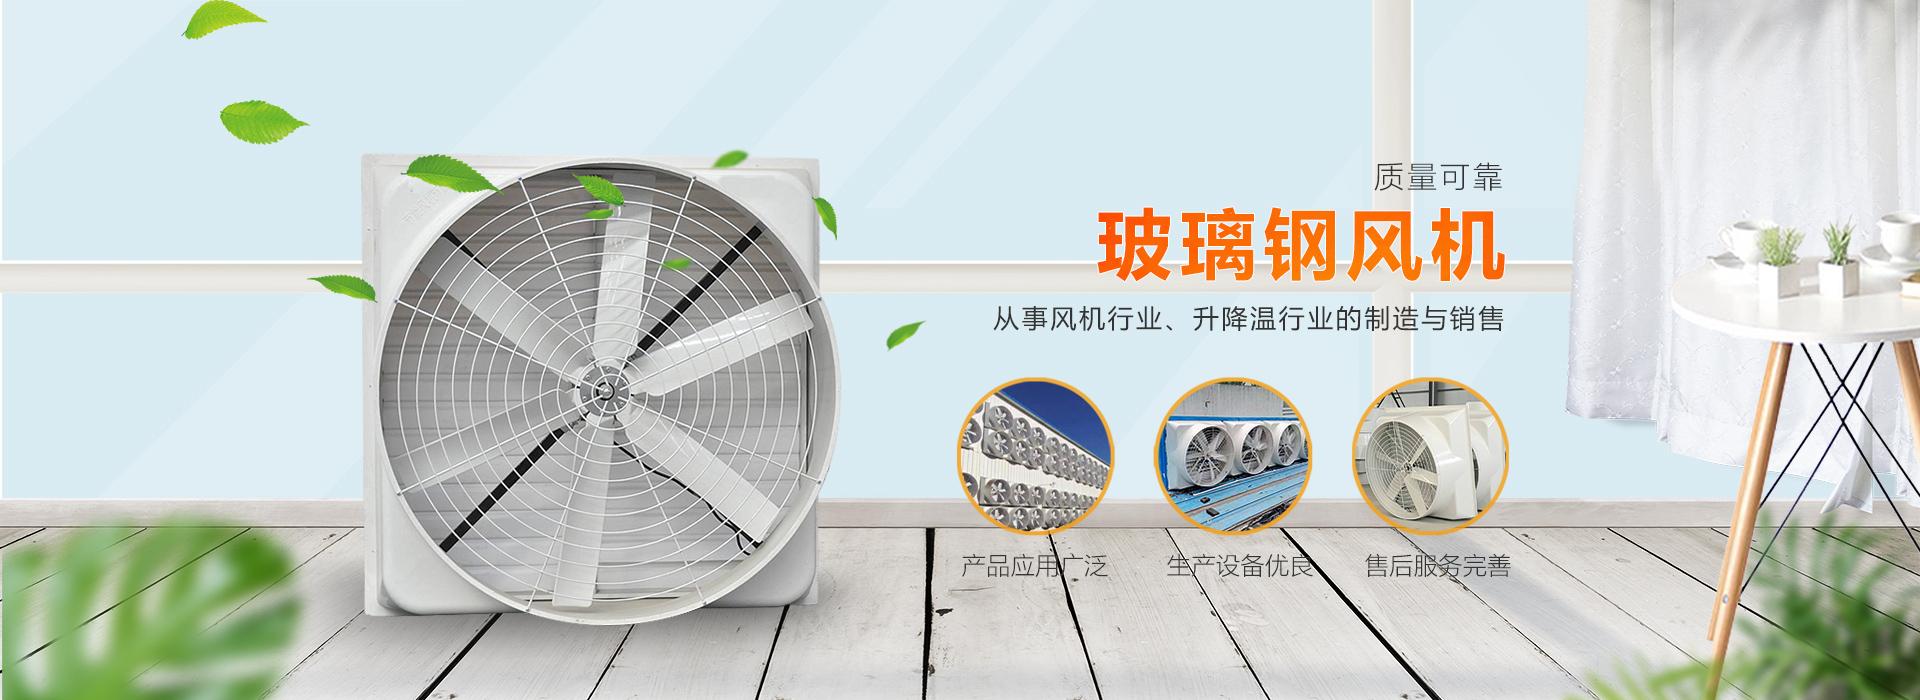 青州信富溫控設備有限公司